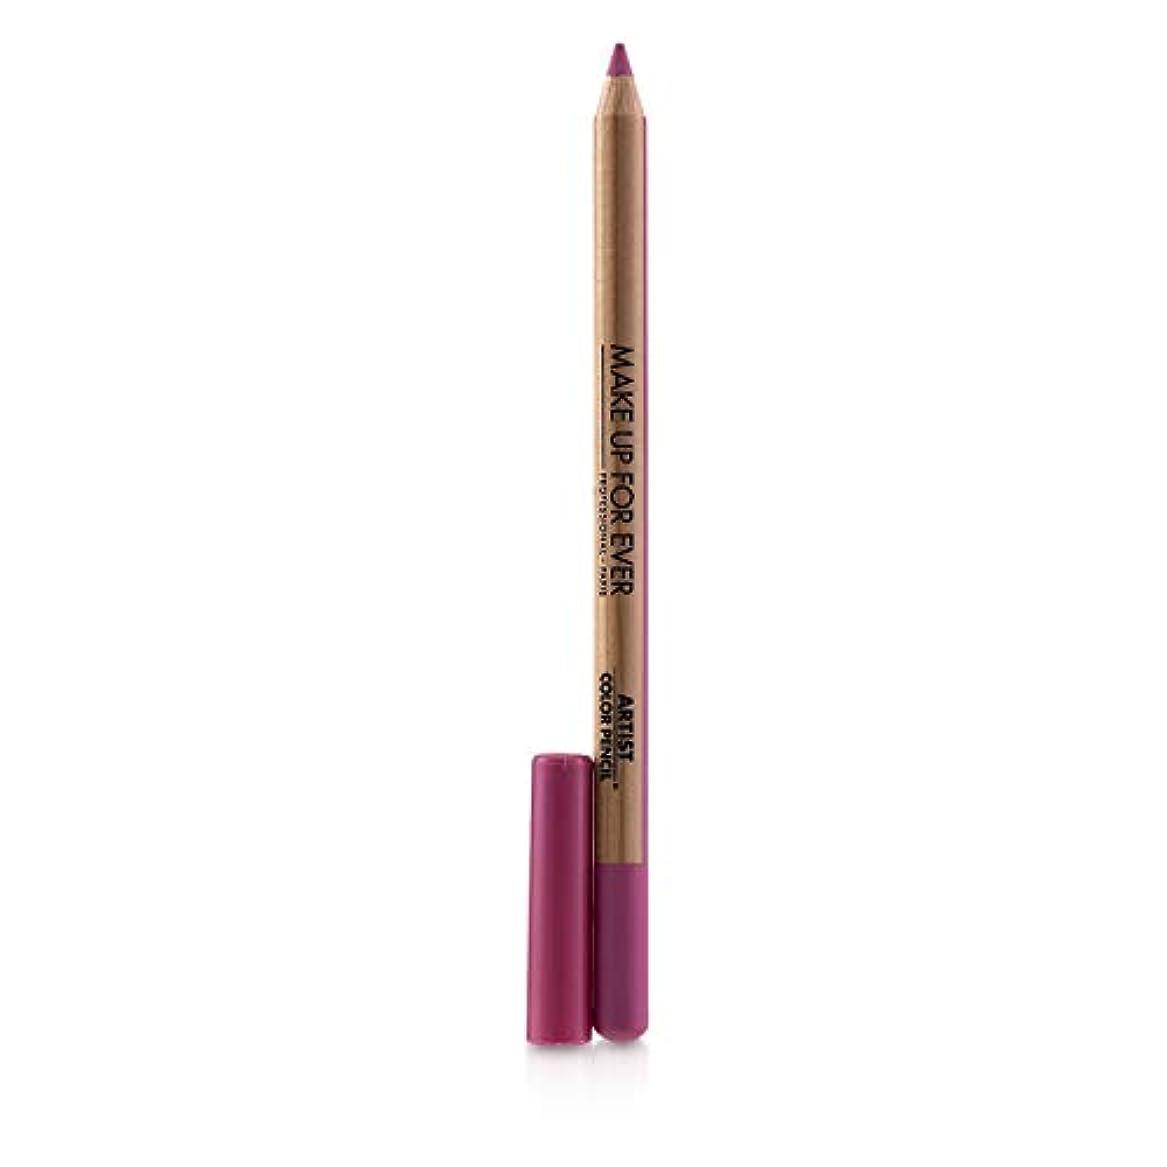 レイア東方協会メイクアップフォーエバー Artist Color Pencil - # 804 No Boundaries Blush 1.41g/0.04oz並行輸入品